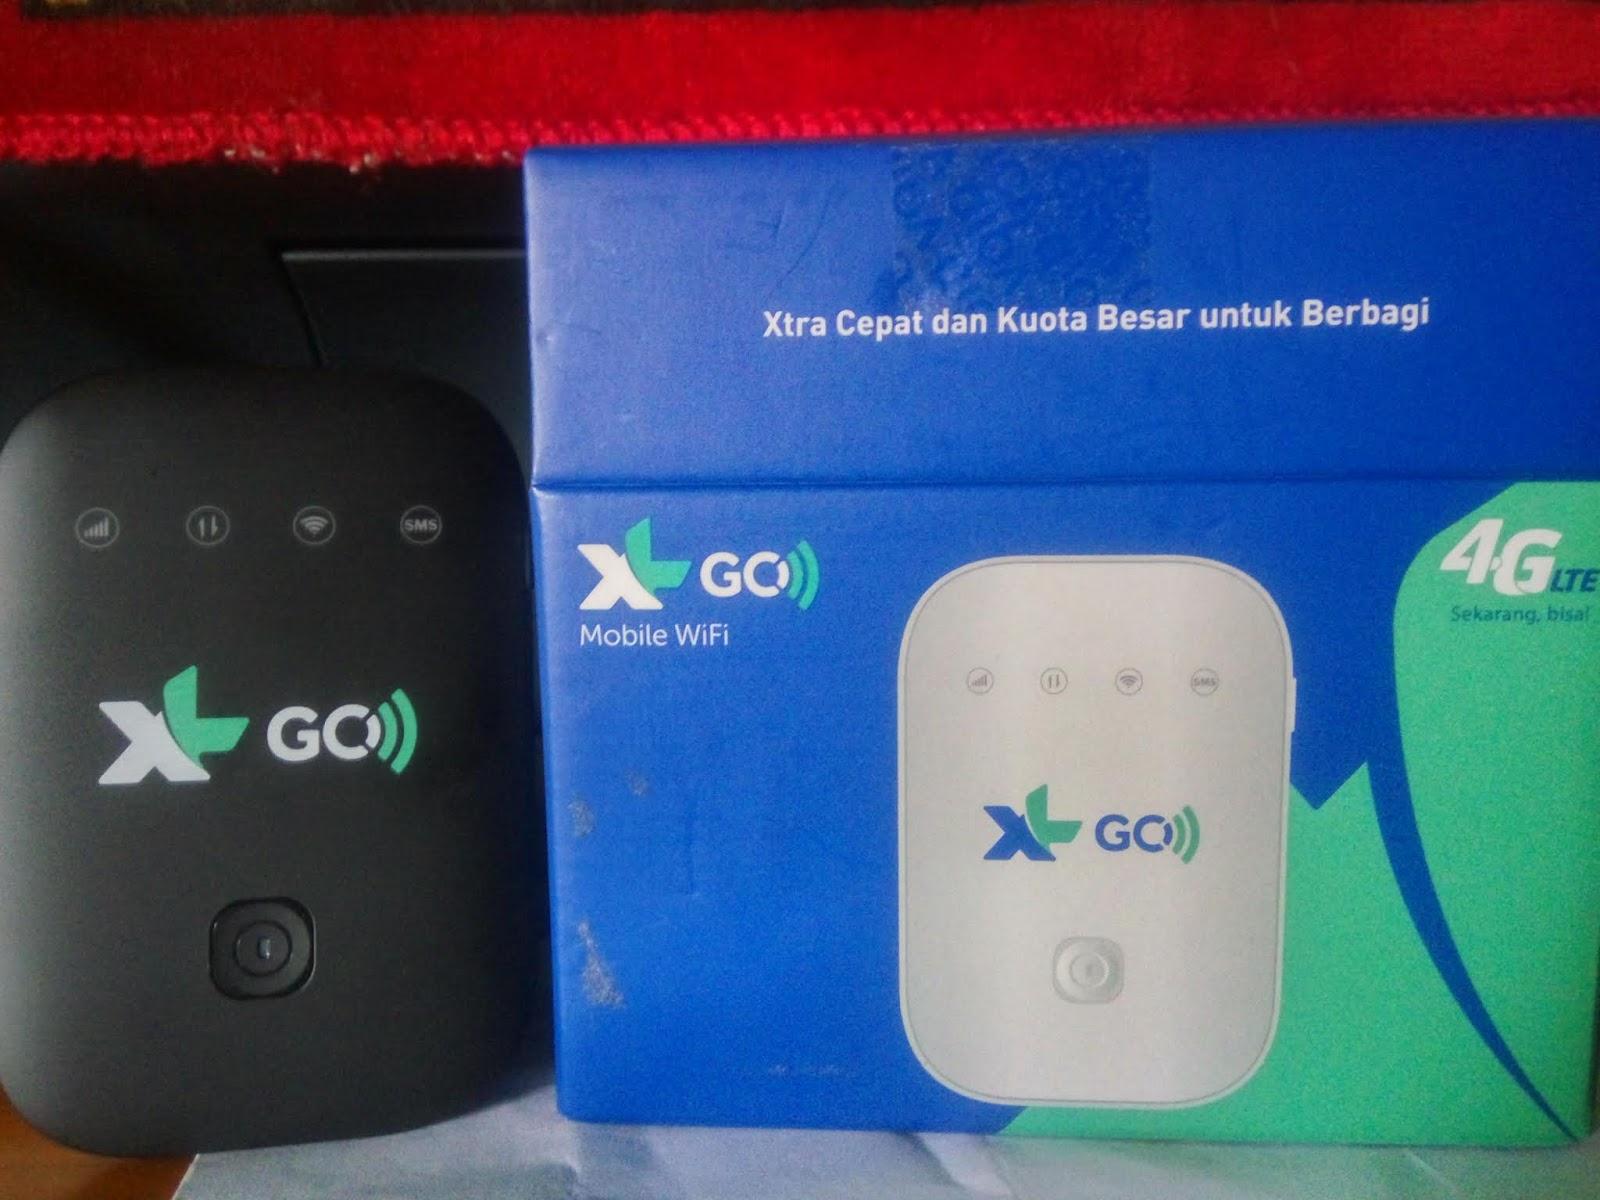 XL GO Izi Modem Temani Aktivitasmu Berselancar Internet - Konten ...